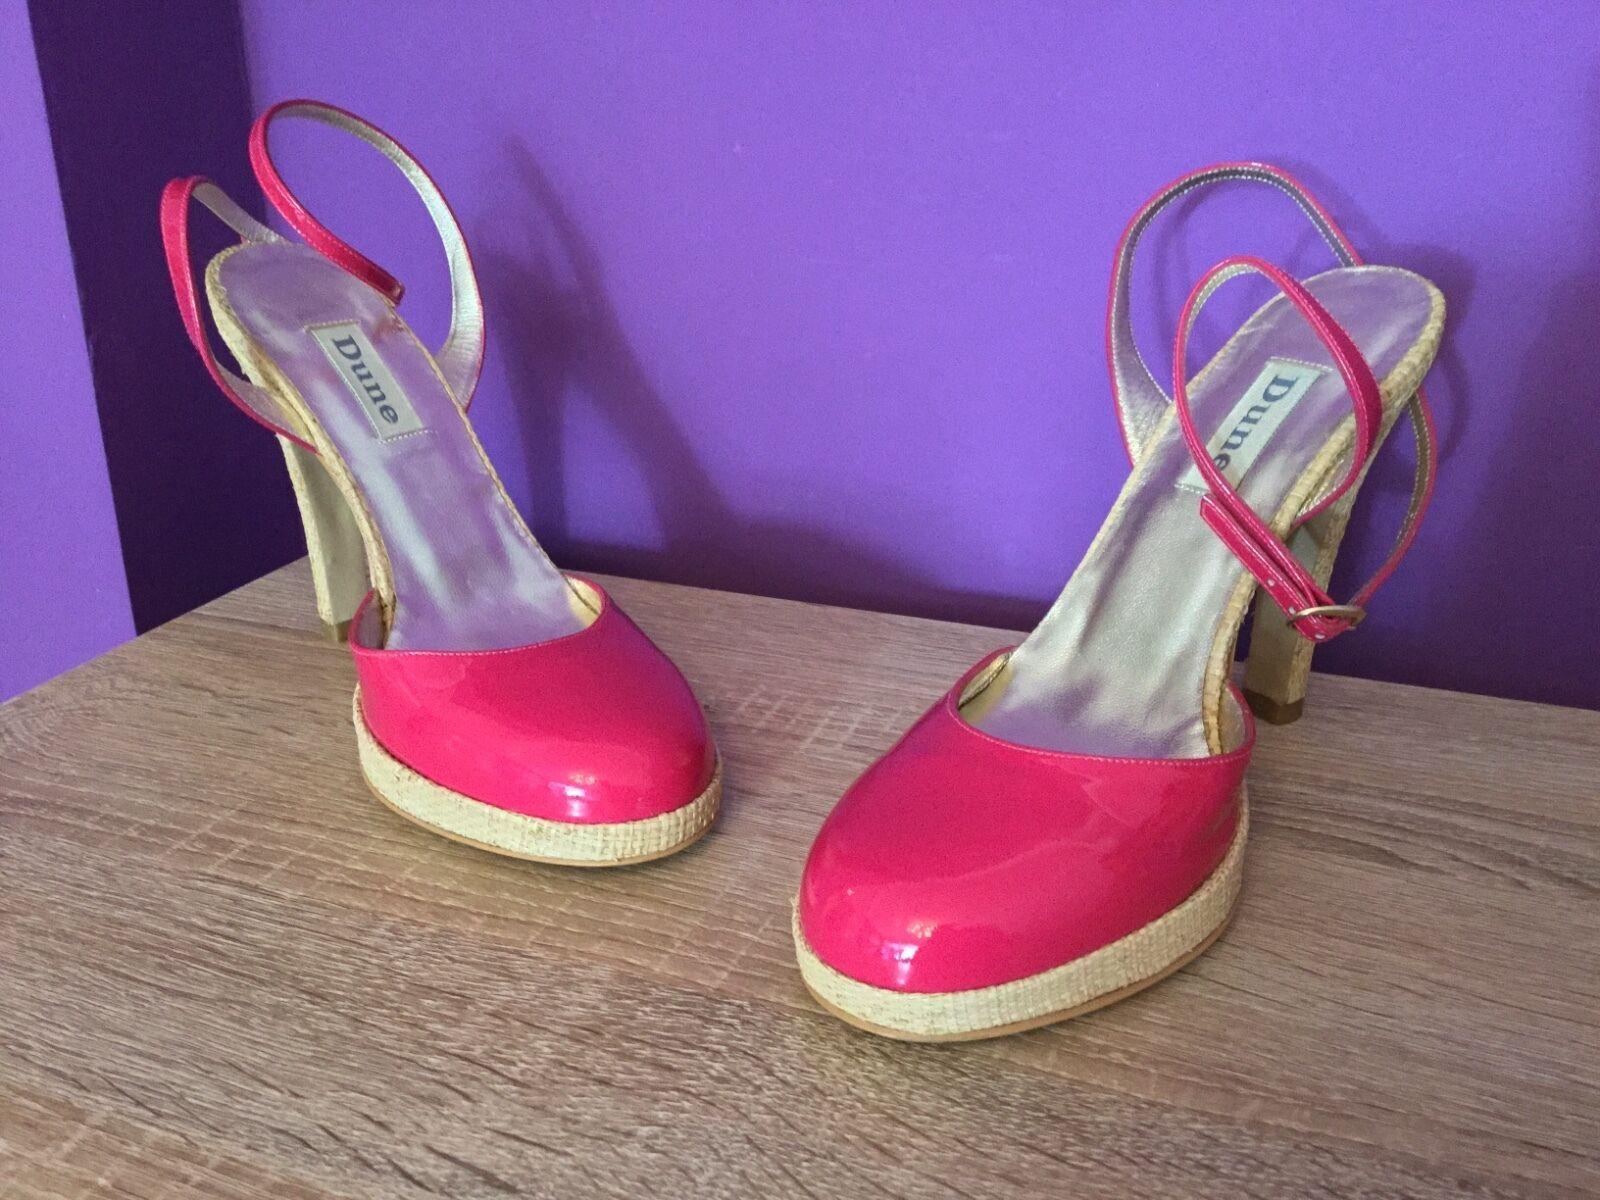 Mesdames Bottines Vernies Chaussures compensées, Guimauve, raphia, rose. Taille 37, talon. Taille UK 4